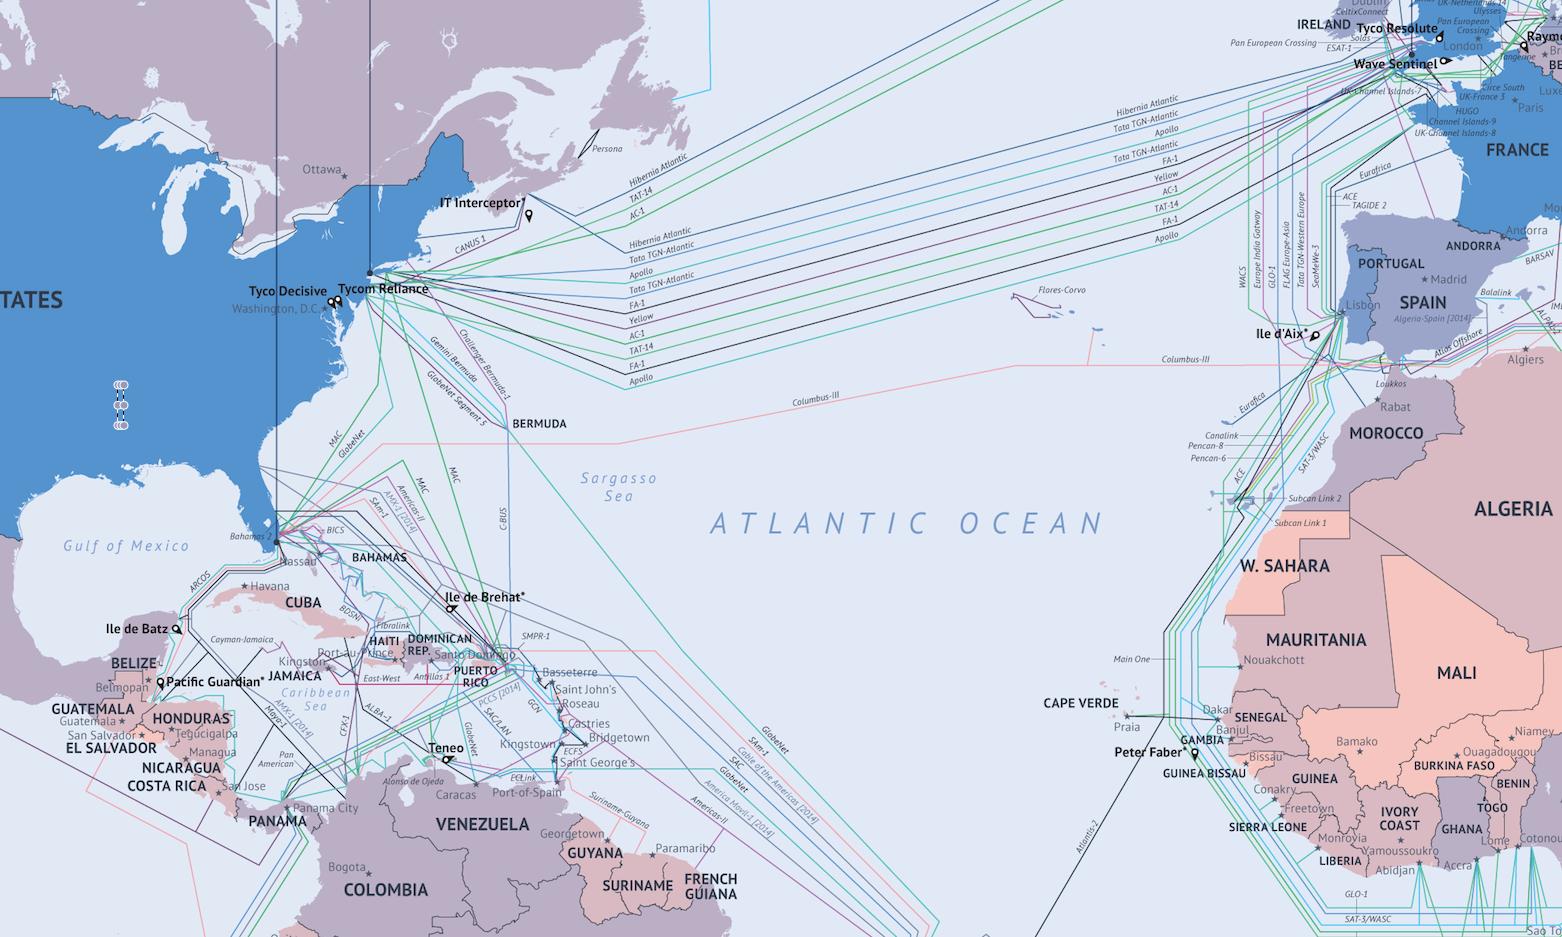 схема подключения кабелей на судне